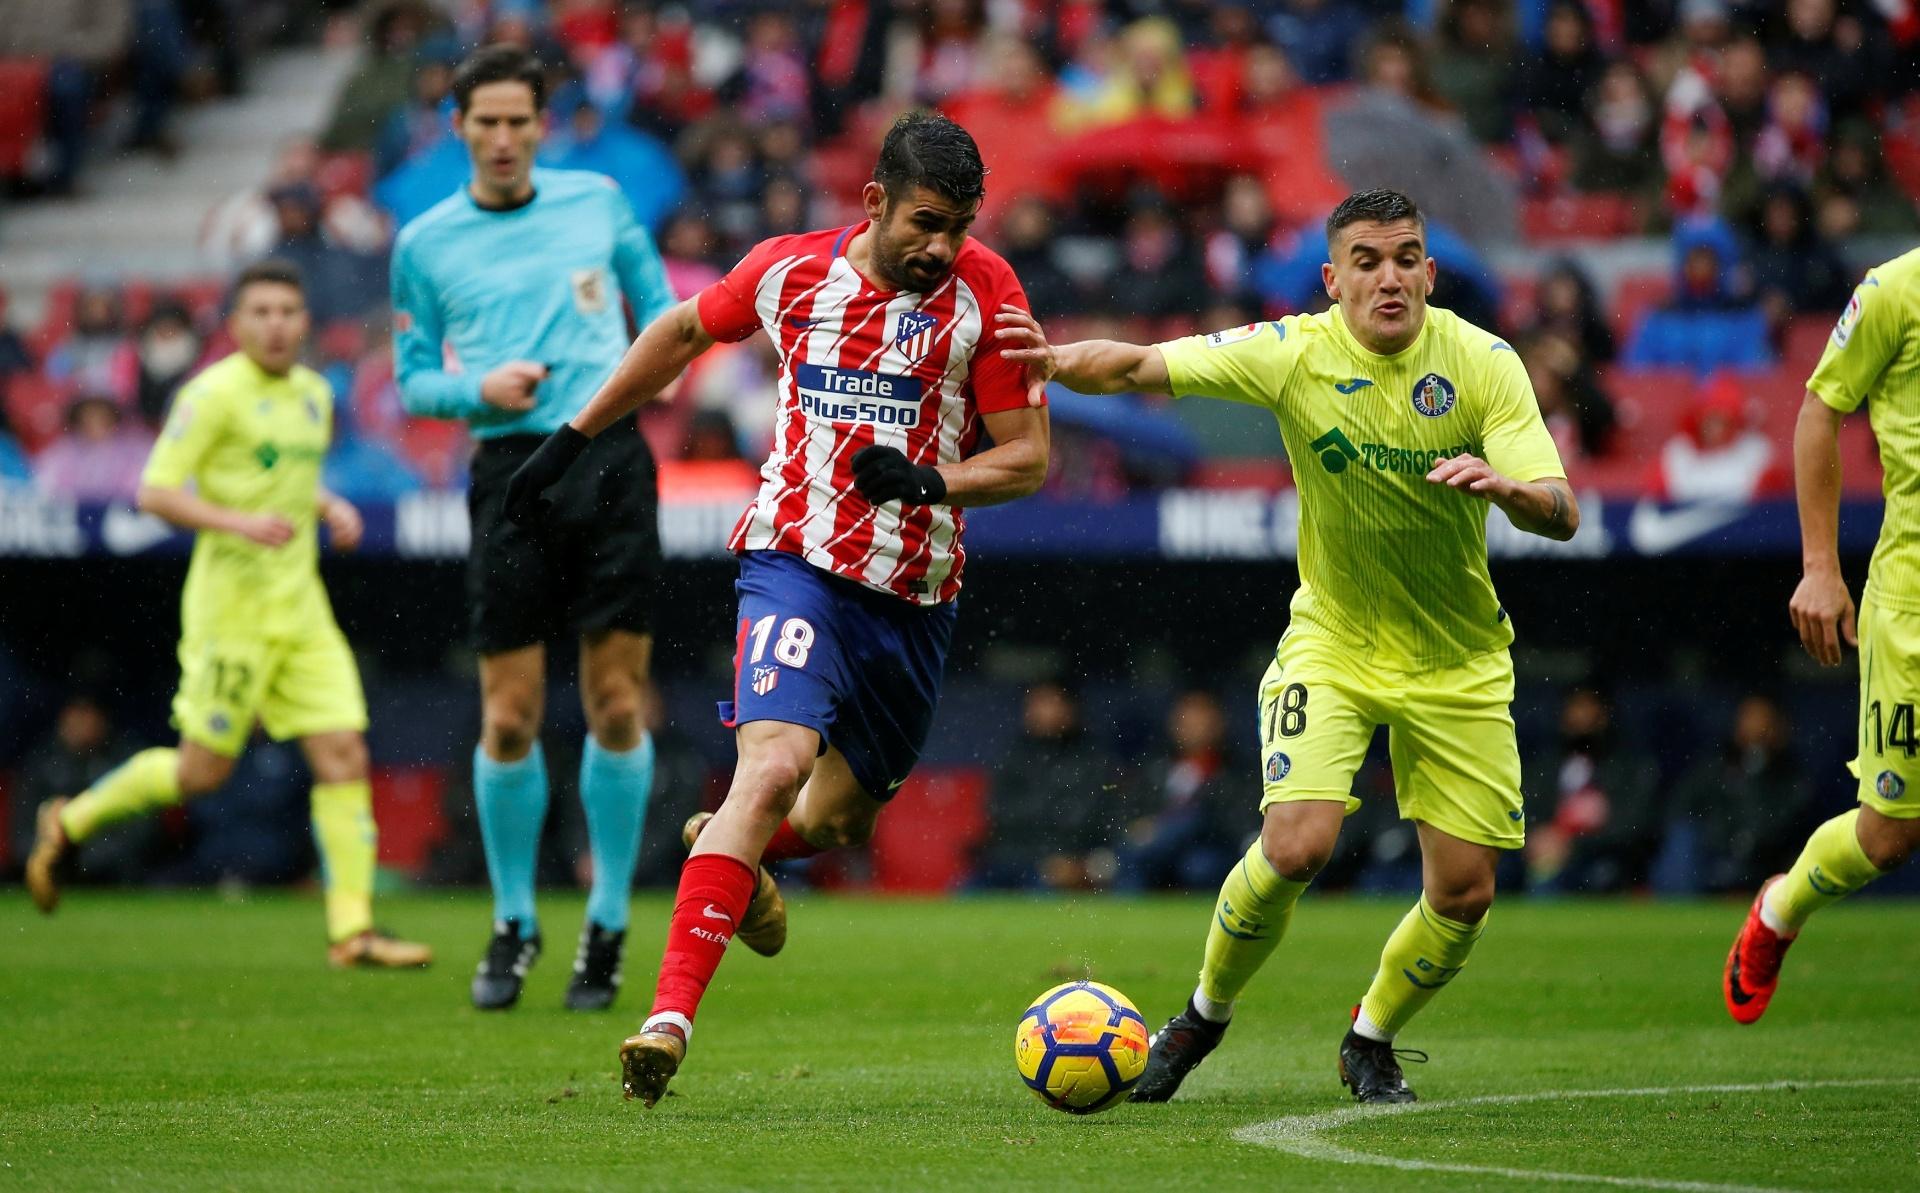 Copa do Mundo 2018  Espanha deixa Morata fora e convoca D. Costa para  amistosos antes da Copa - UOL Copa do Mundo 2018 4b0826d1c2001